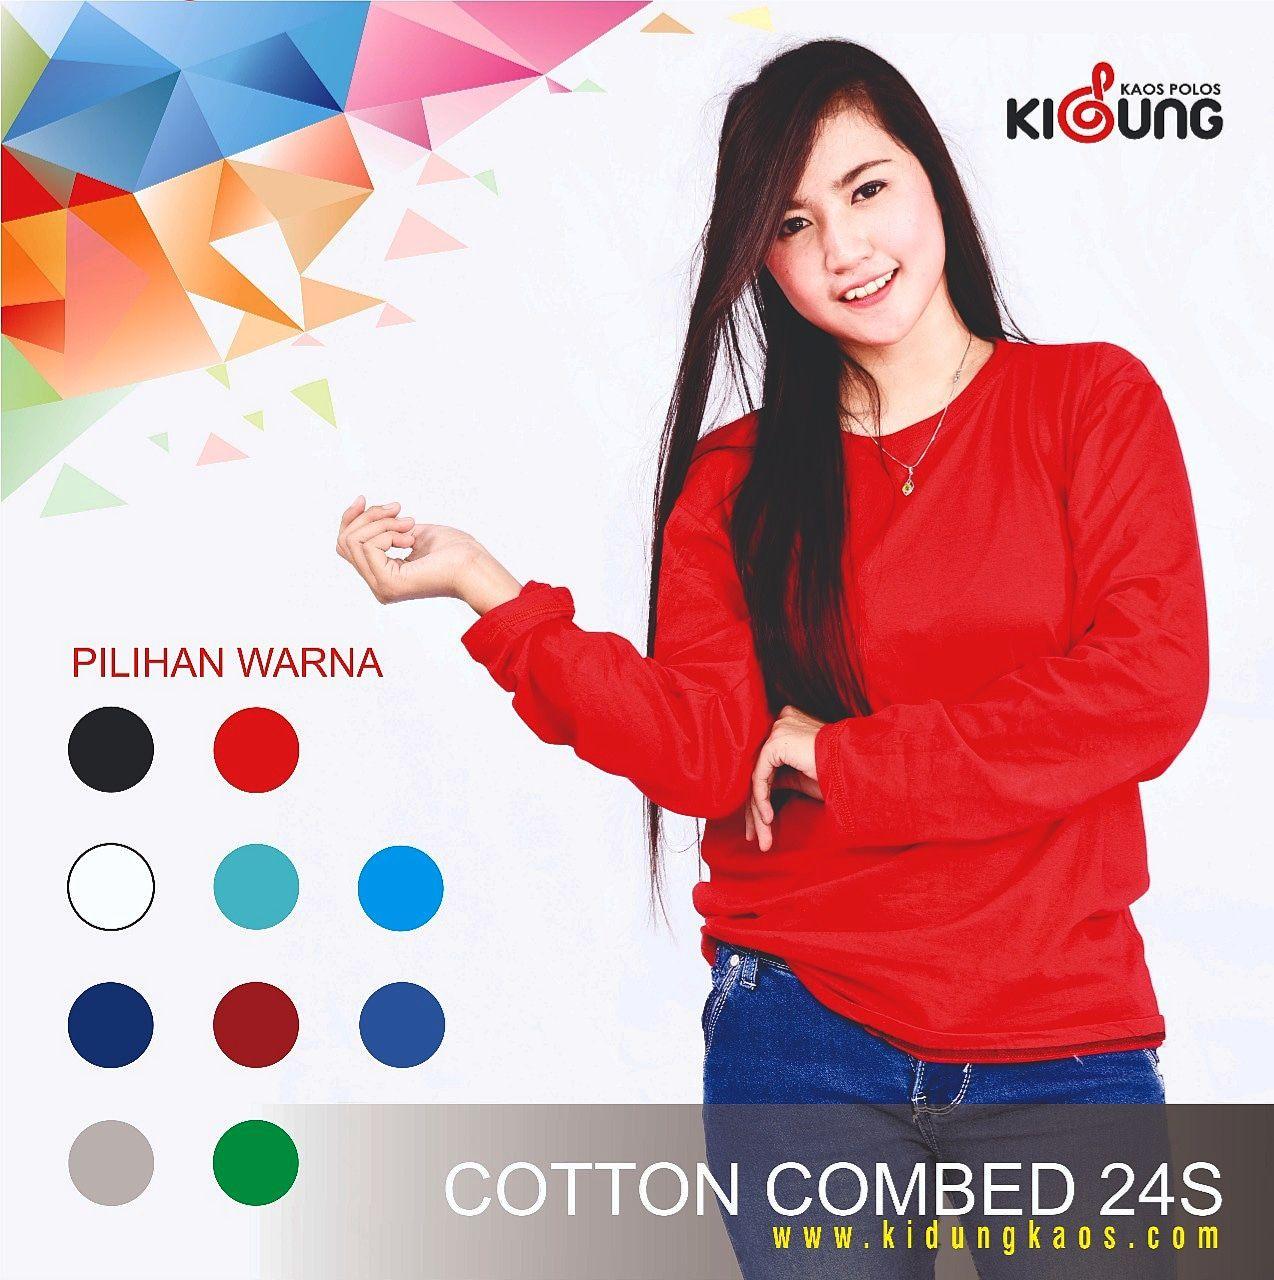 Kaos Polos Cotton Combed 24s